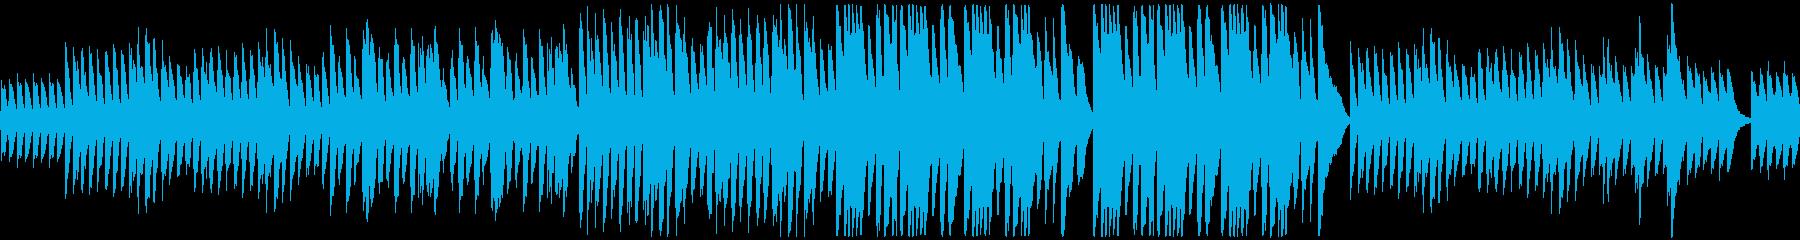 小さな小さなピアノ曲です。の再生済みの波形